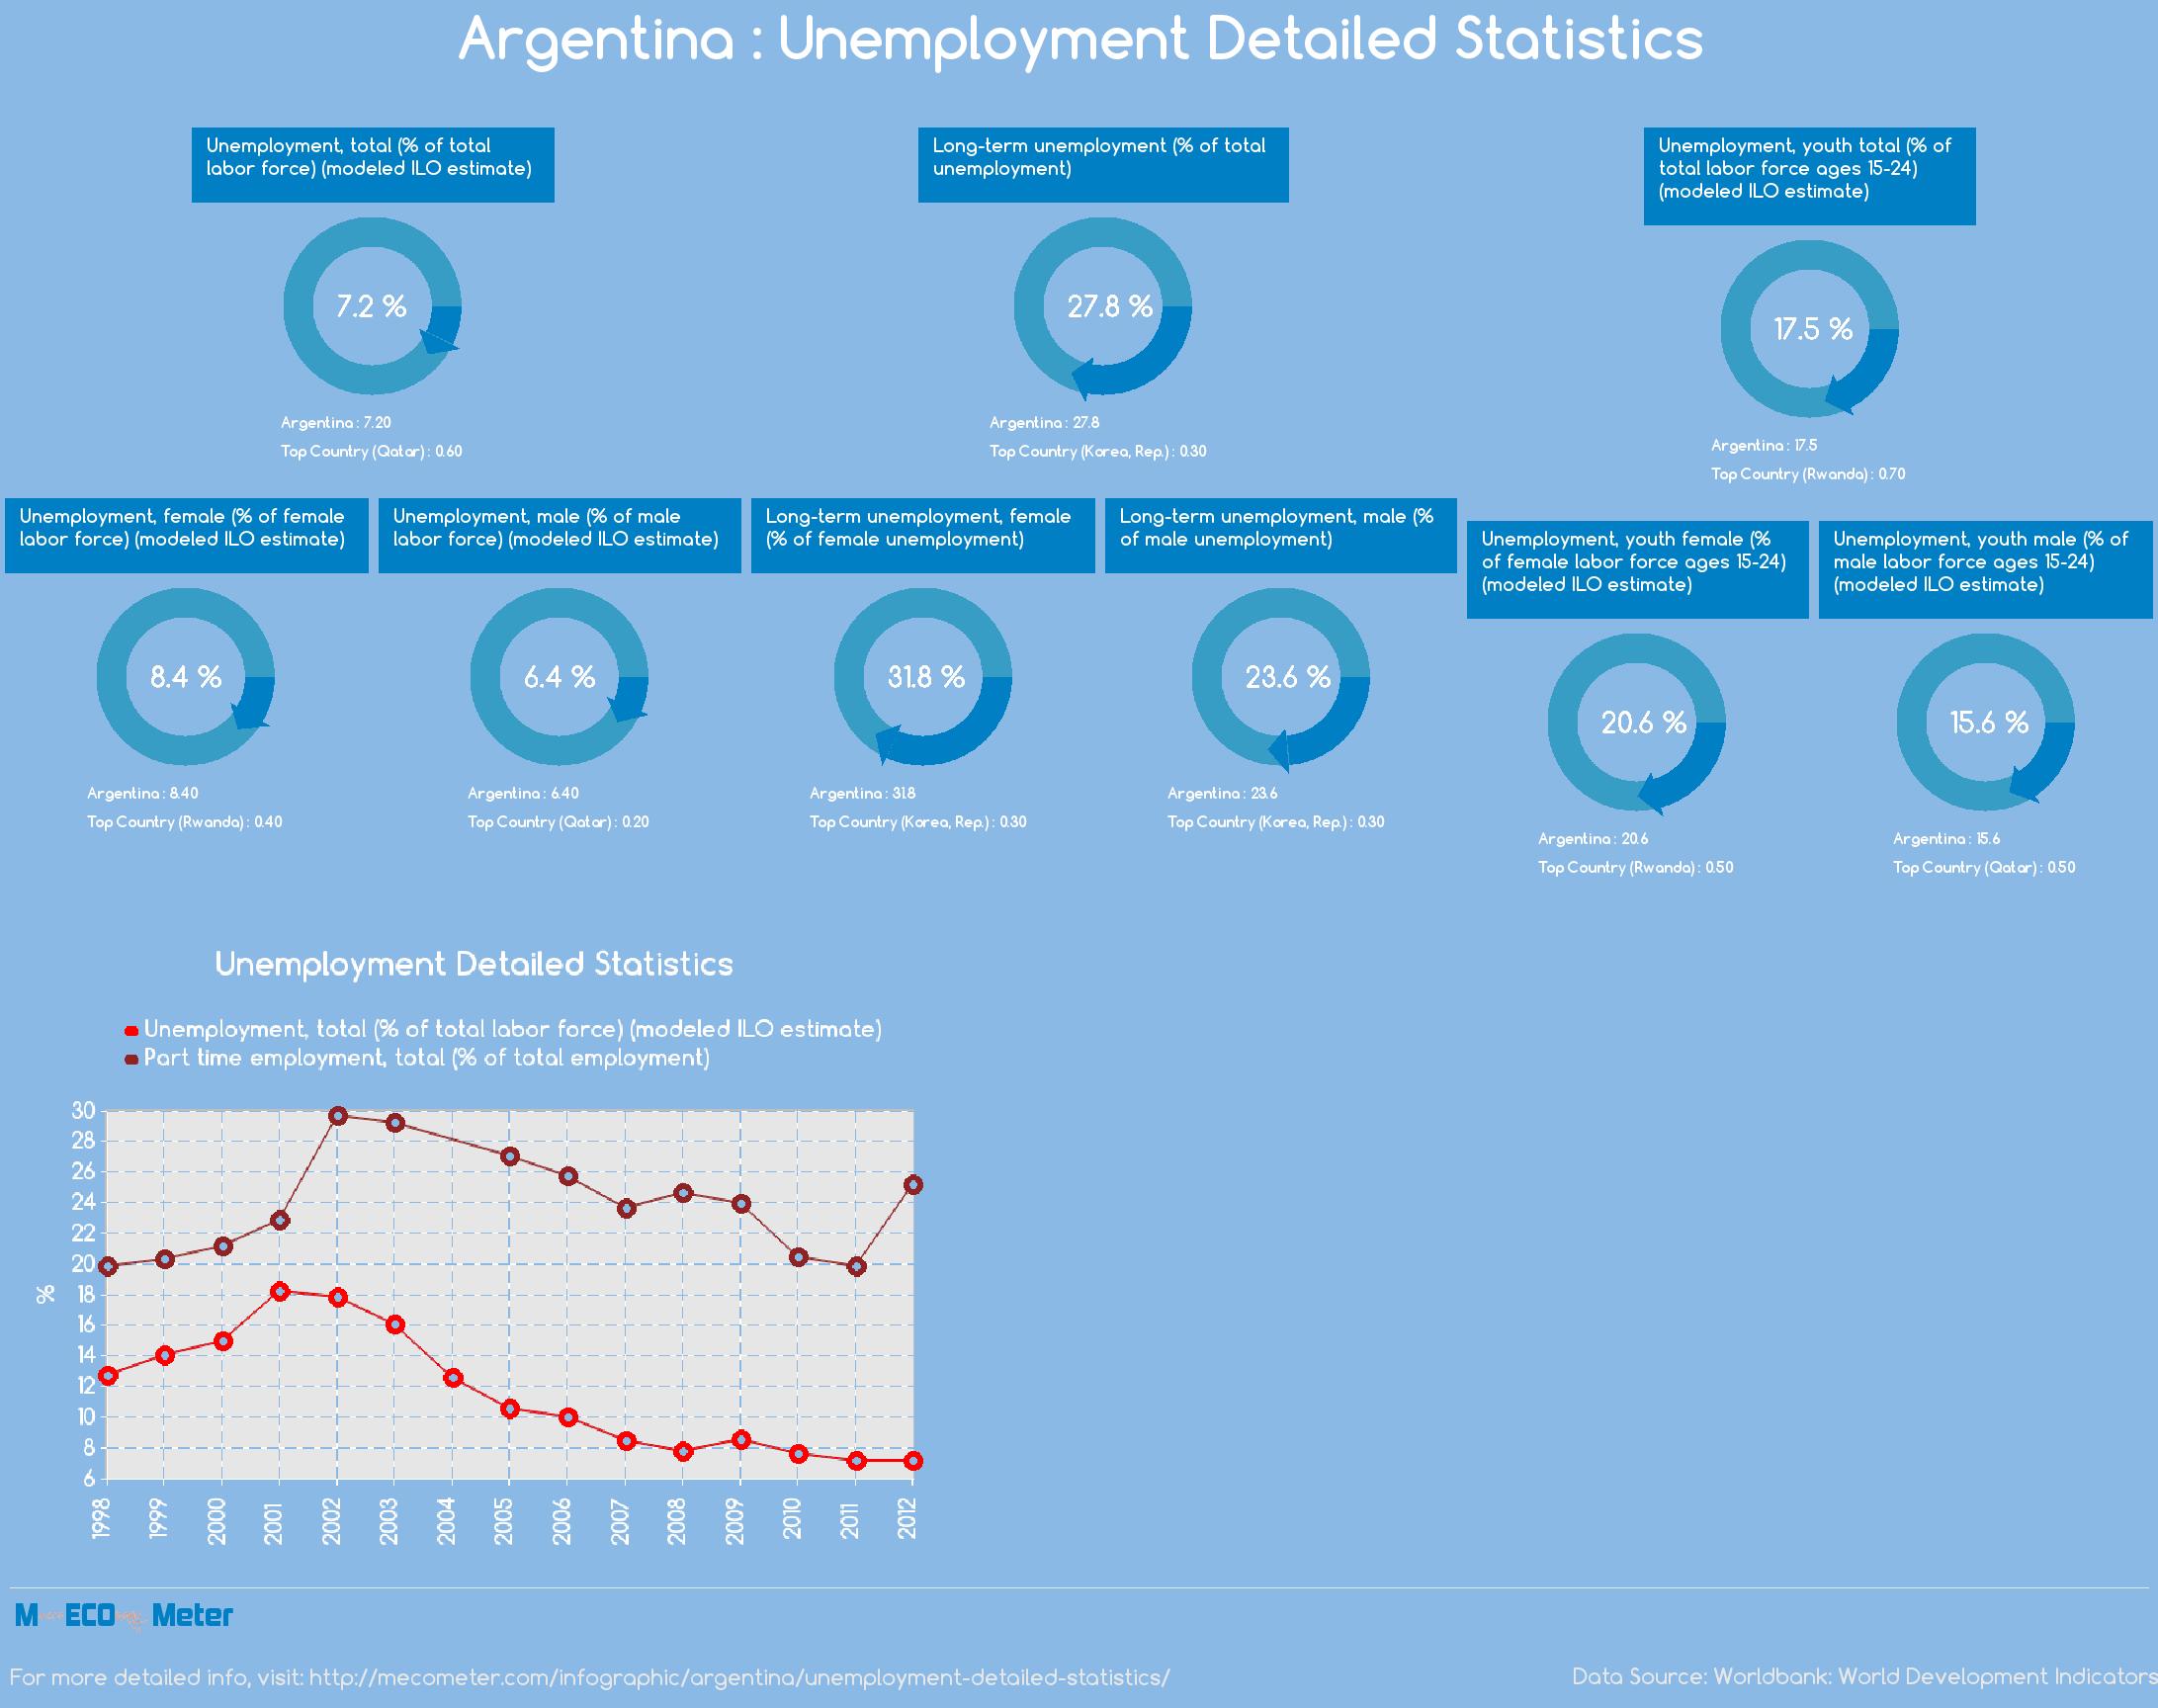 Argentina : Unemployment Detailed Statistics